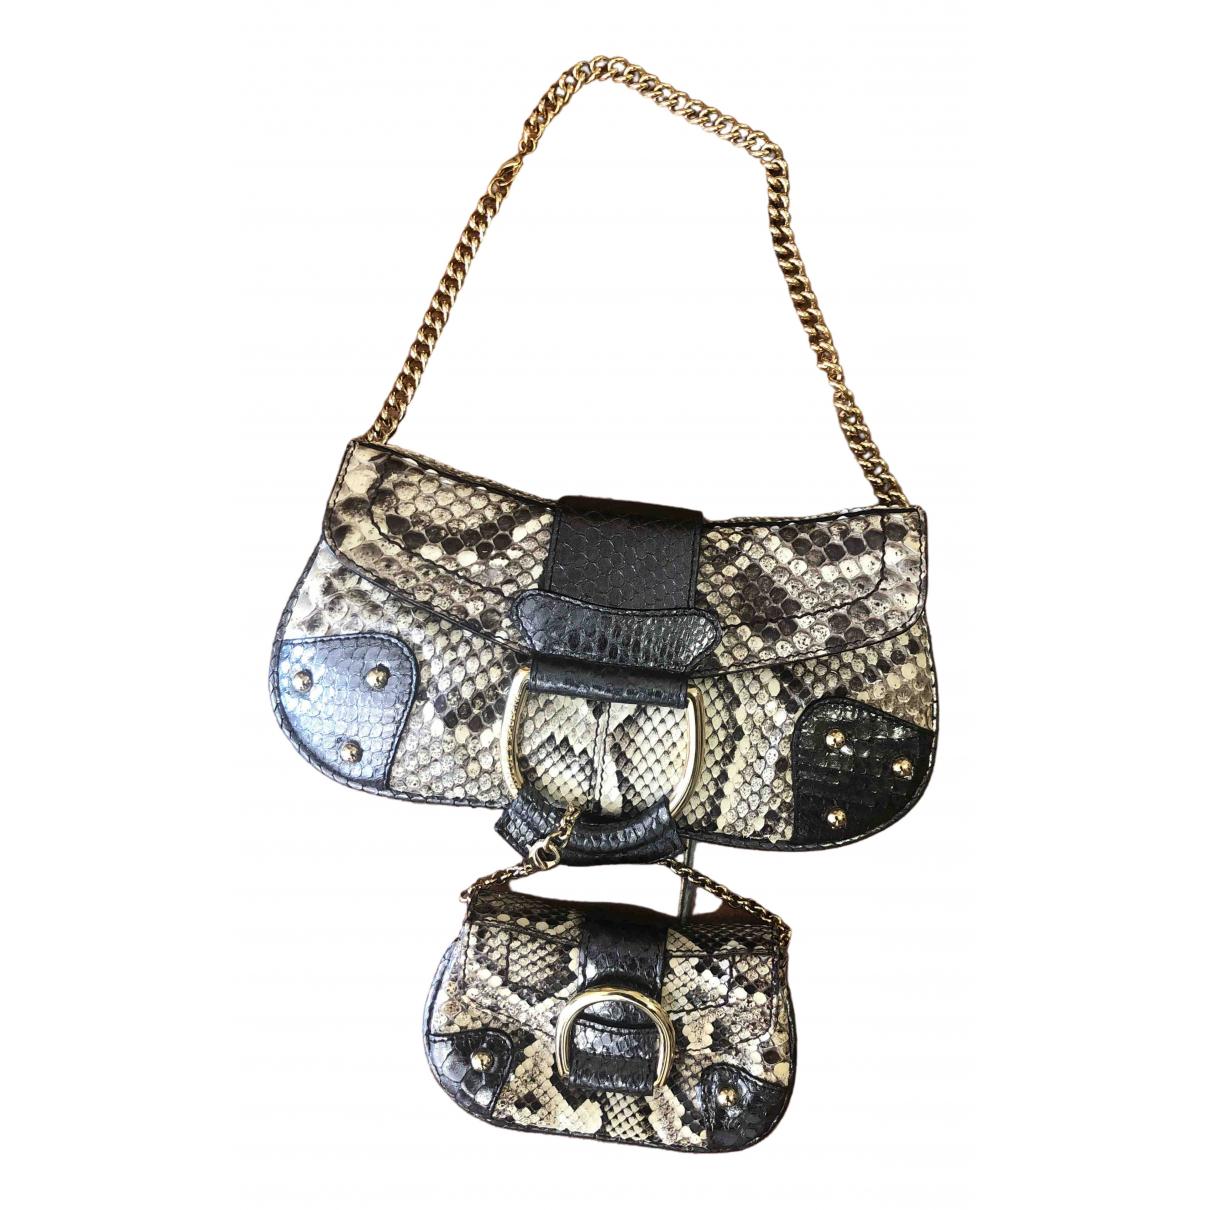 Dolce & Gabbana \N Python Clutch bag for Women \N